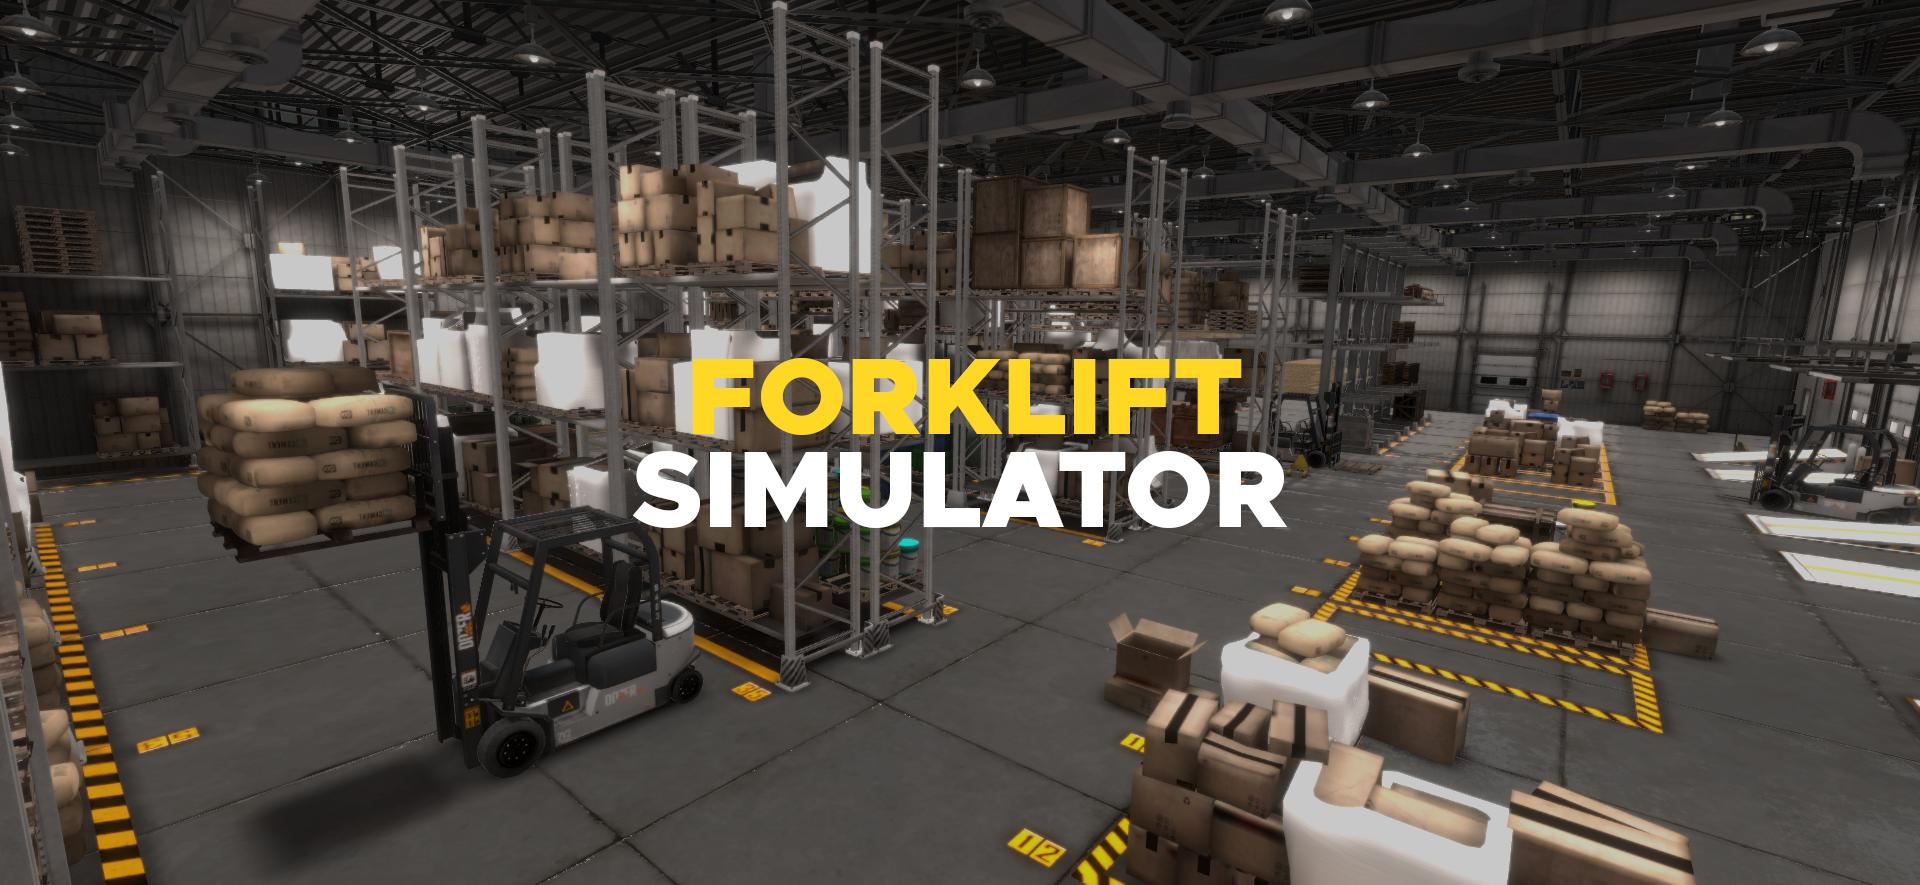 Chalkbites: Forklift Simulator